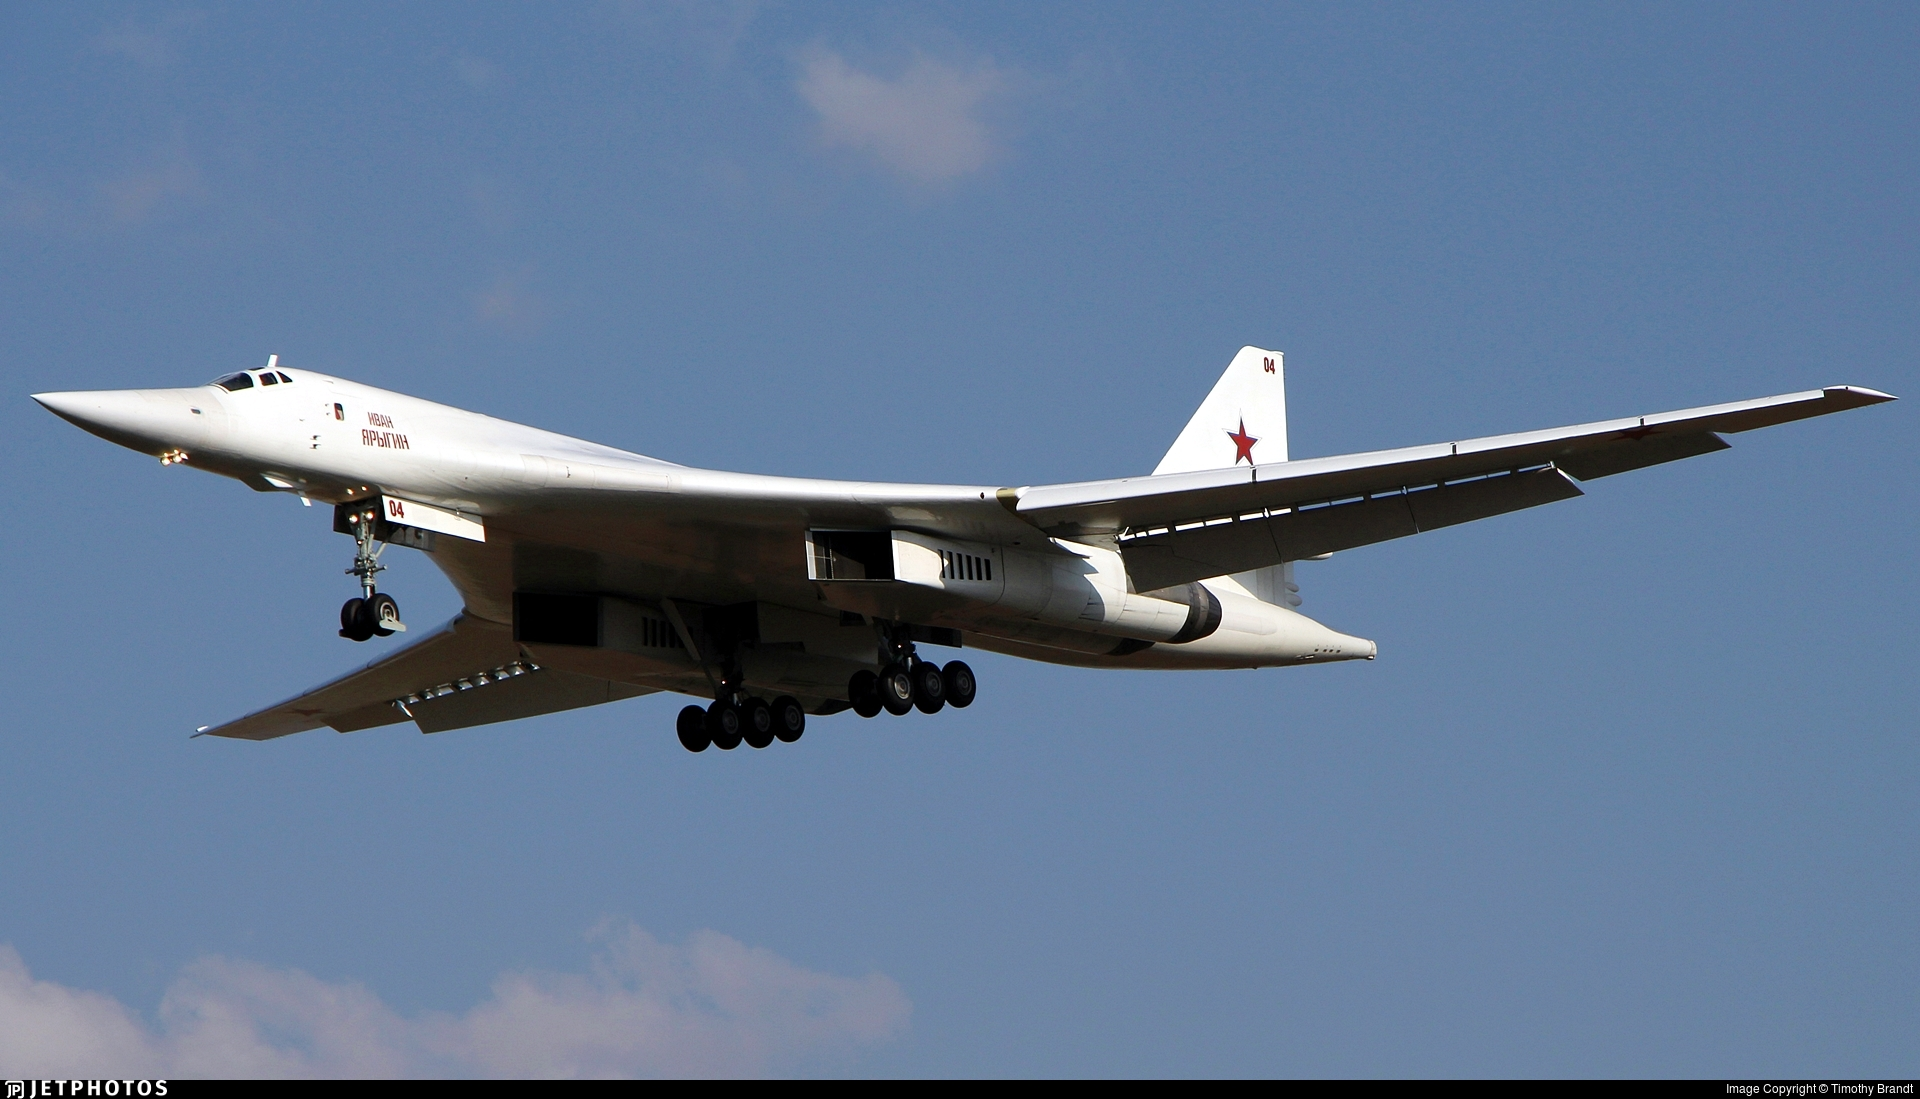 RF-94112 | Tupolev Tu-160 Blackjack | Russia - Air Force | Timothy ...